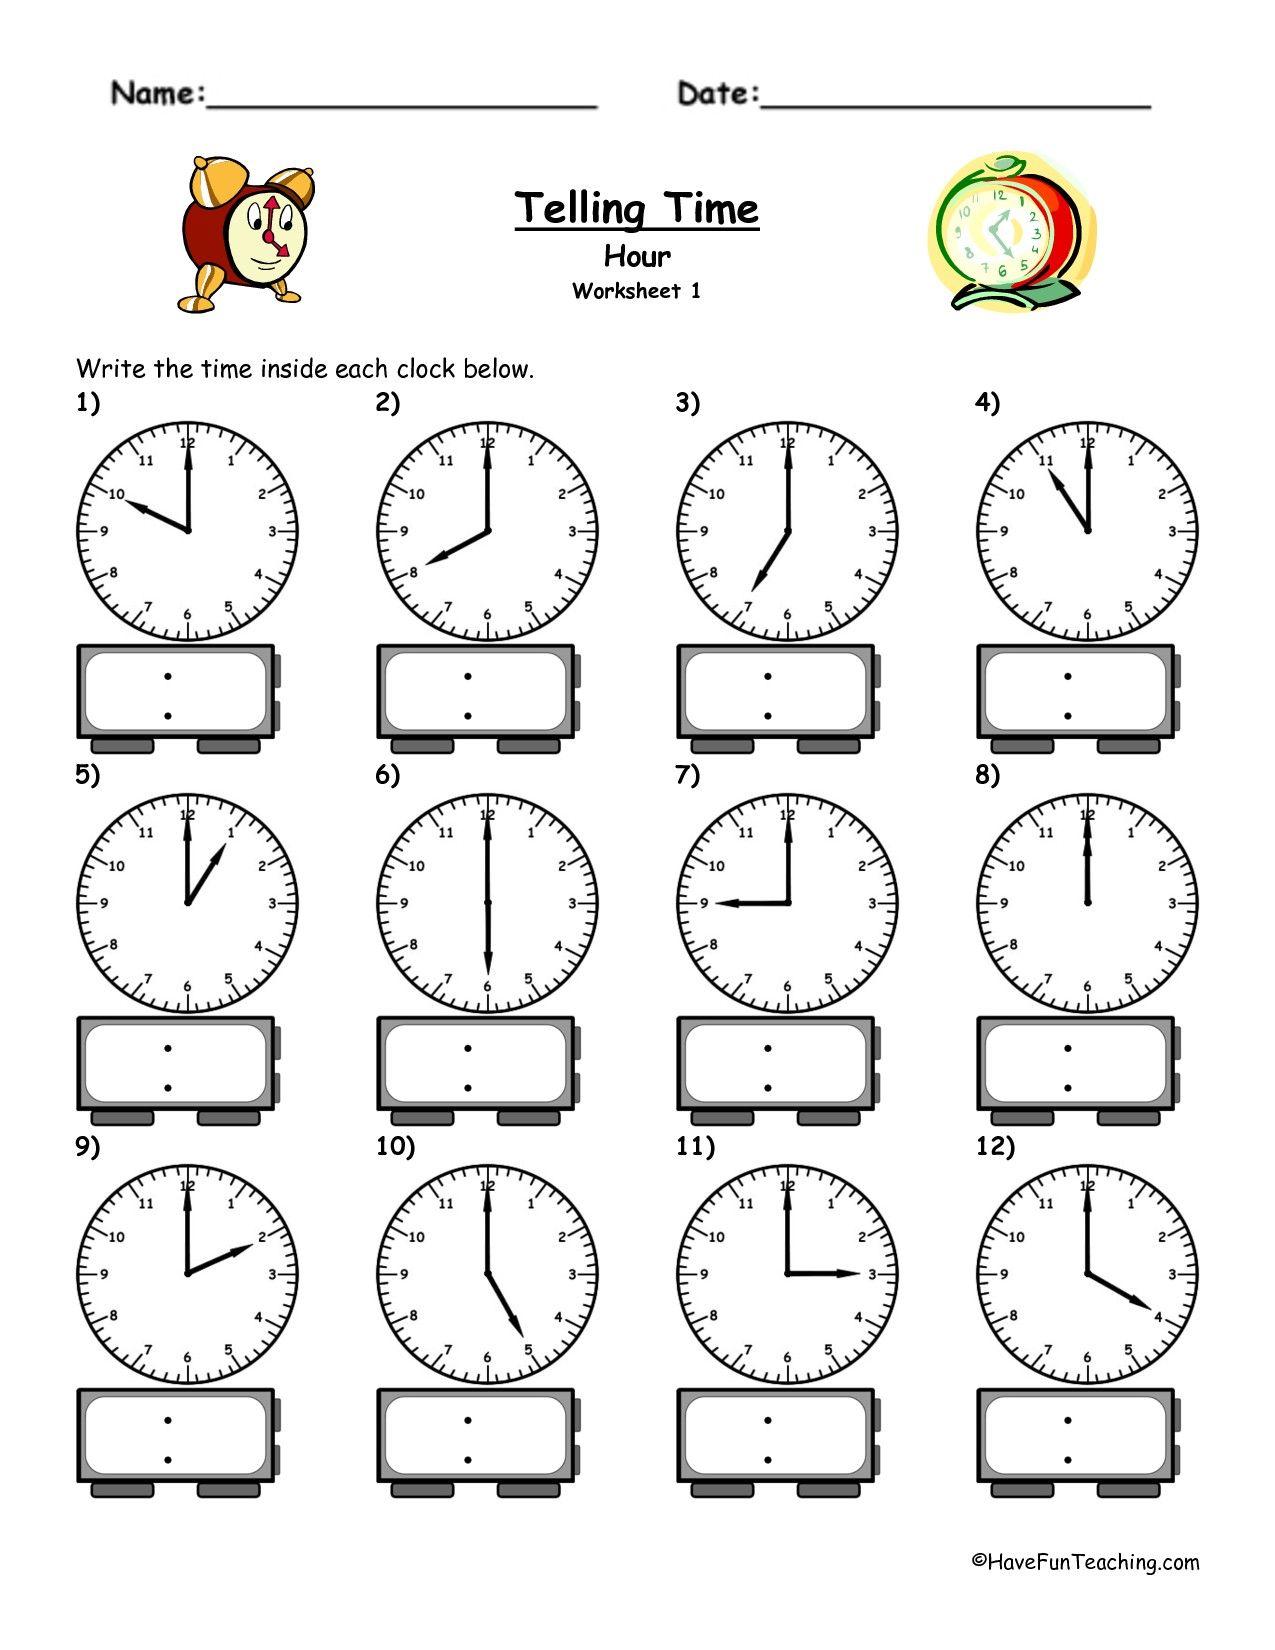 Image Result For Time Worksheet Preschool Time Worksheets Kindergarten Telling Time Clock Worksheets